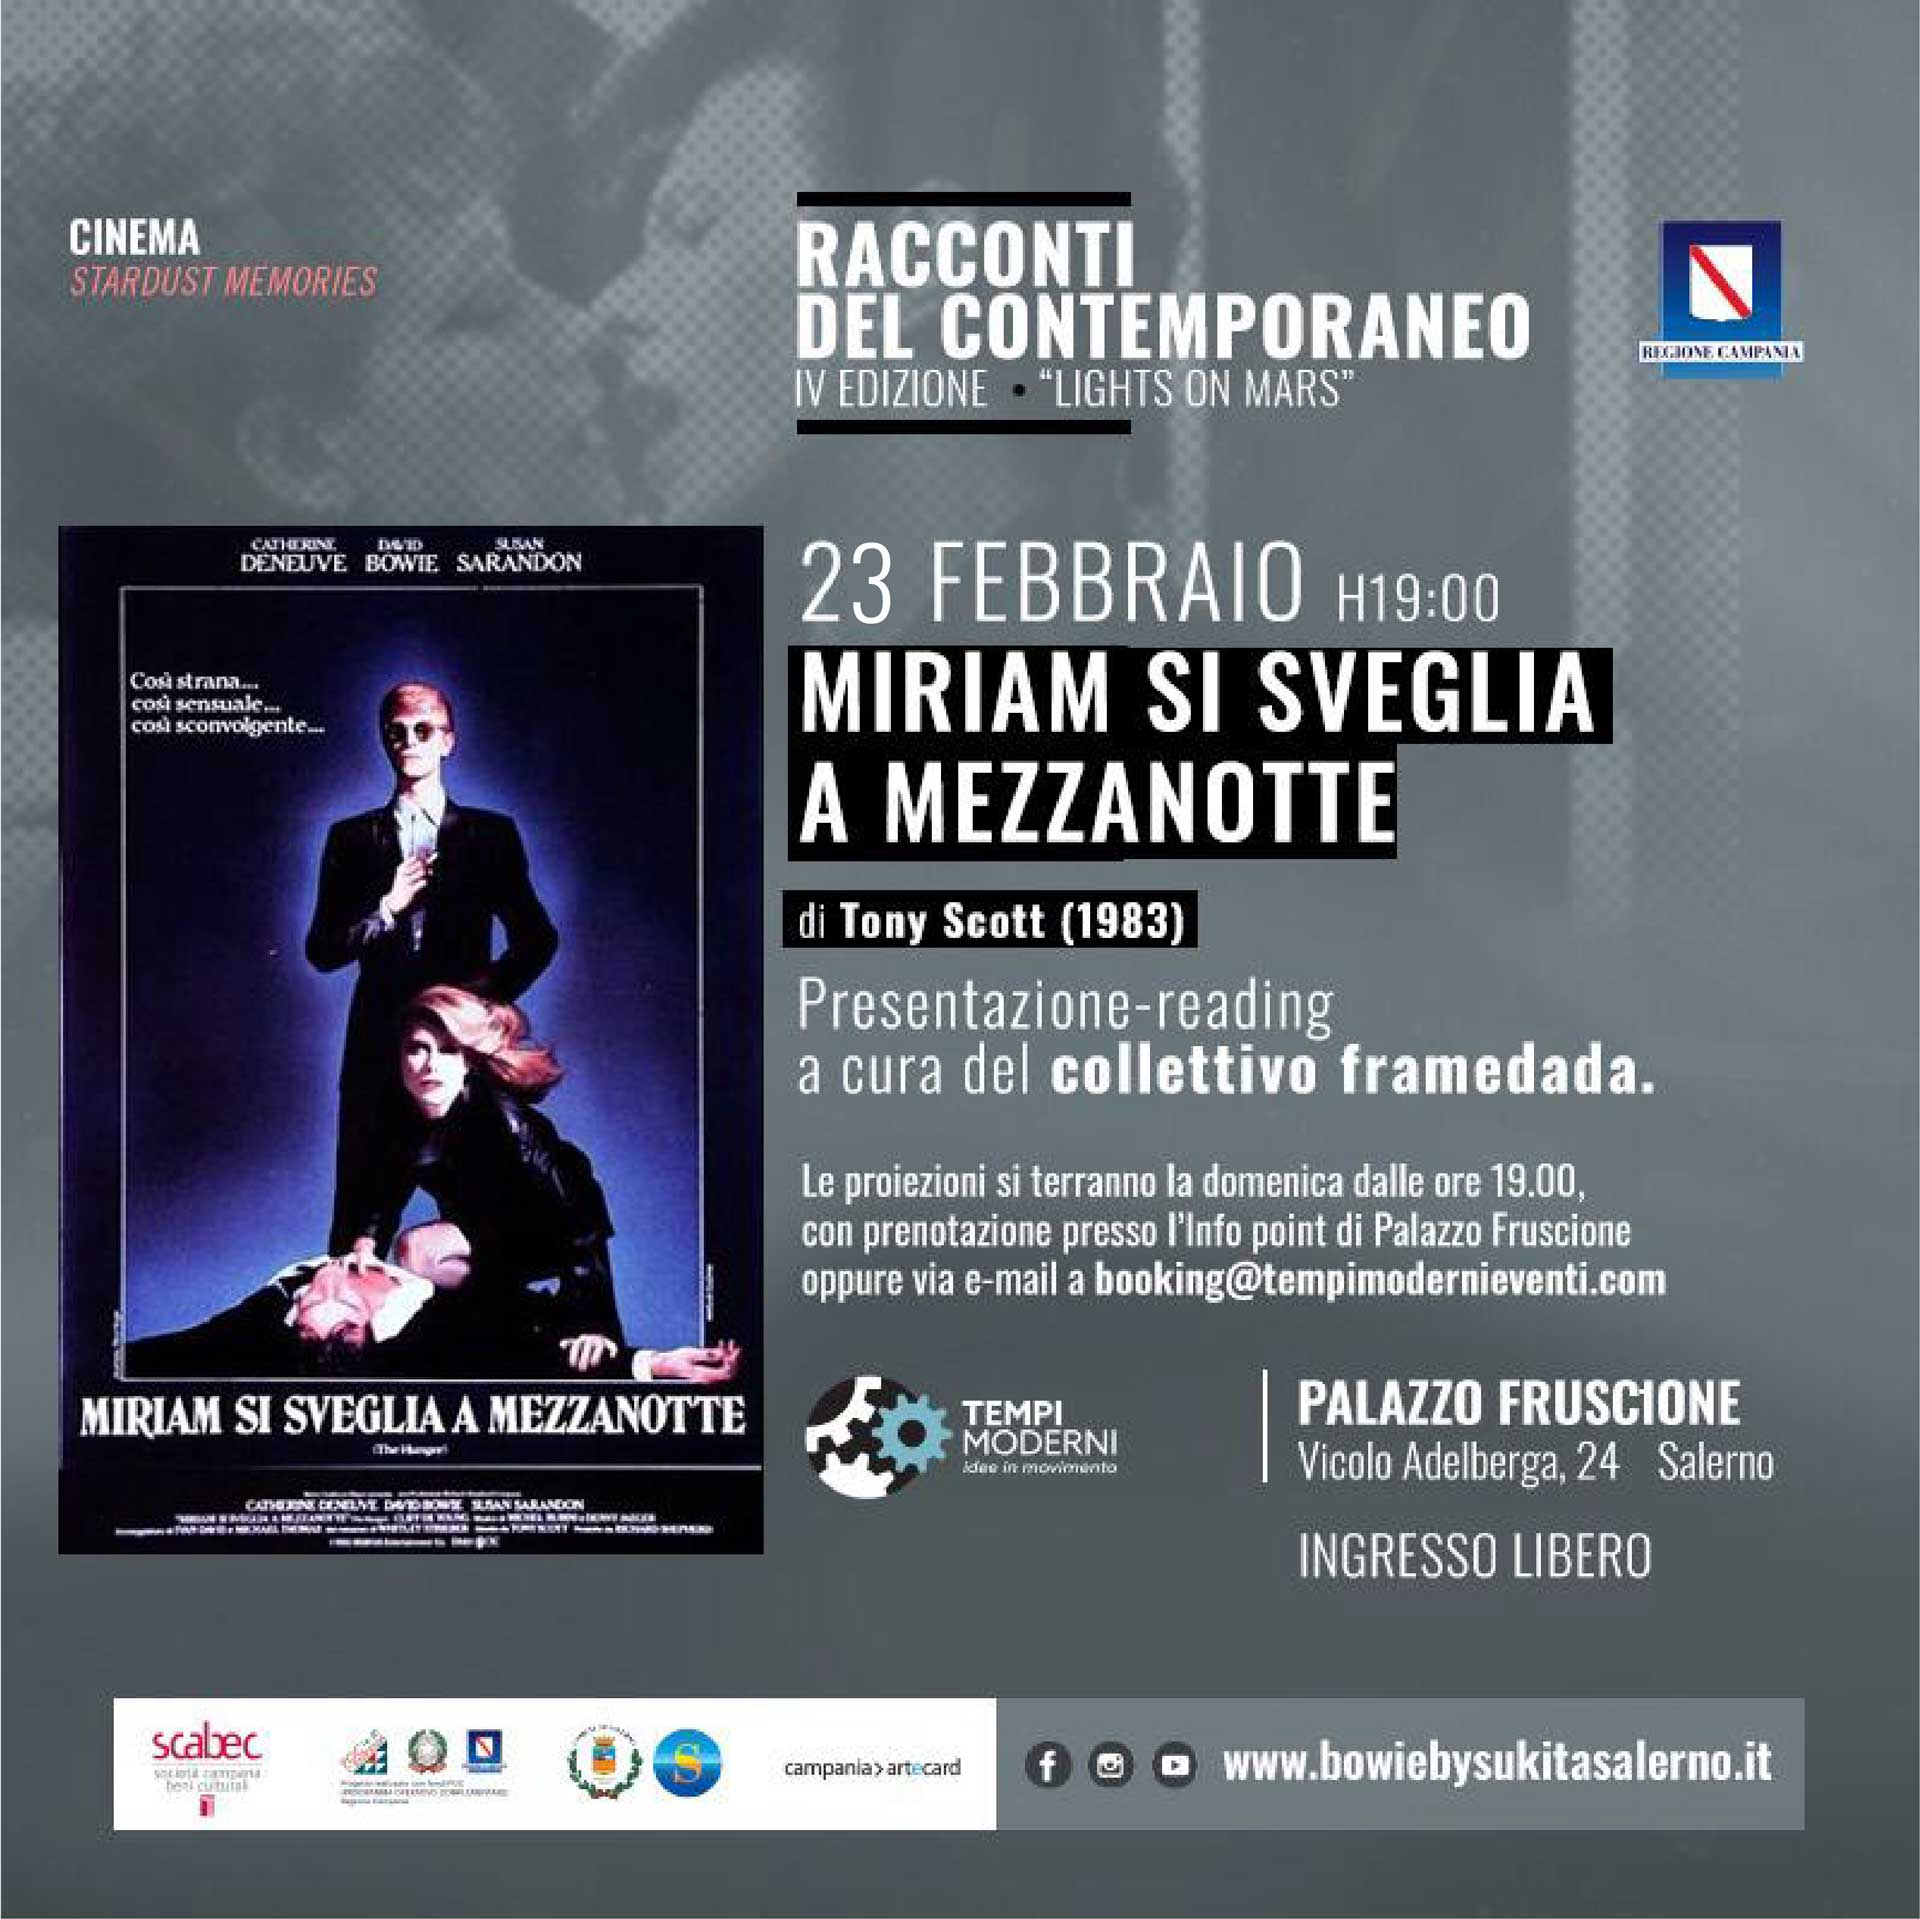 Cover 23 Febbraio 2020 film Miria si sveglia a mezzanotte